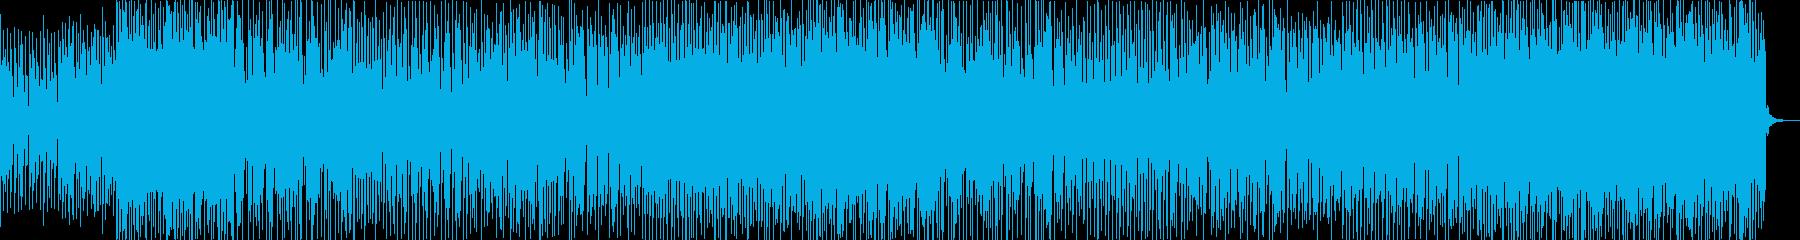 映像/ゲーム用 ピアノ風エレクトロニカの再生済みの波形